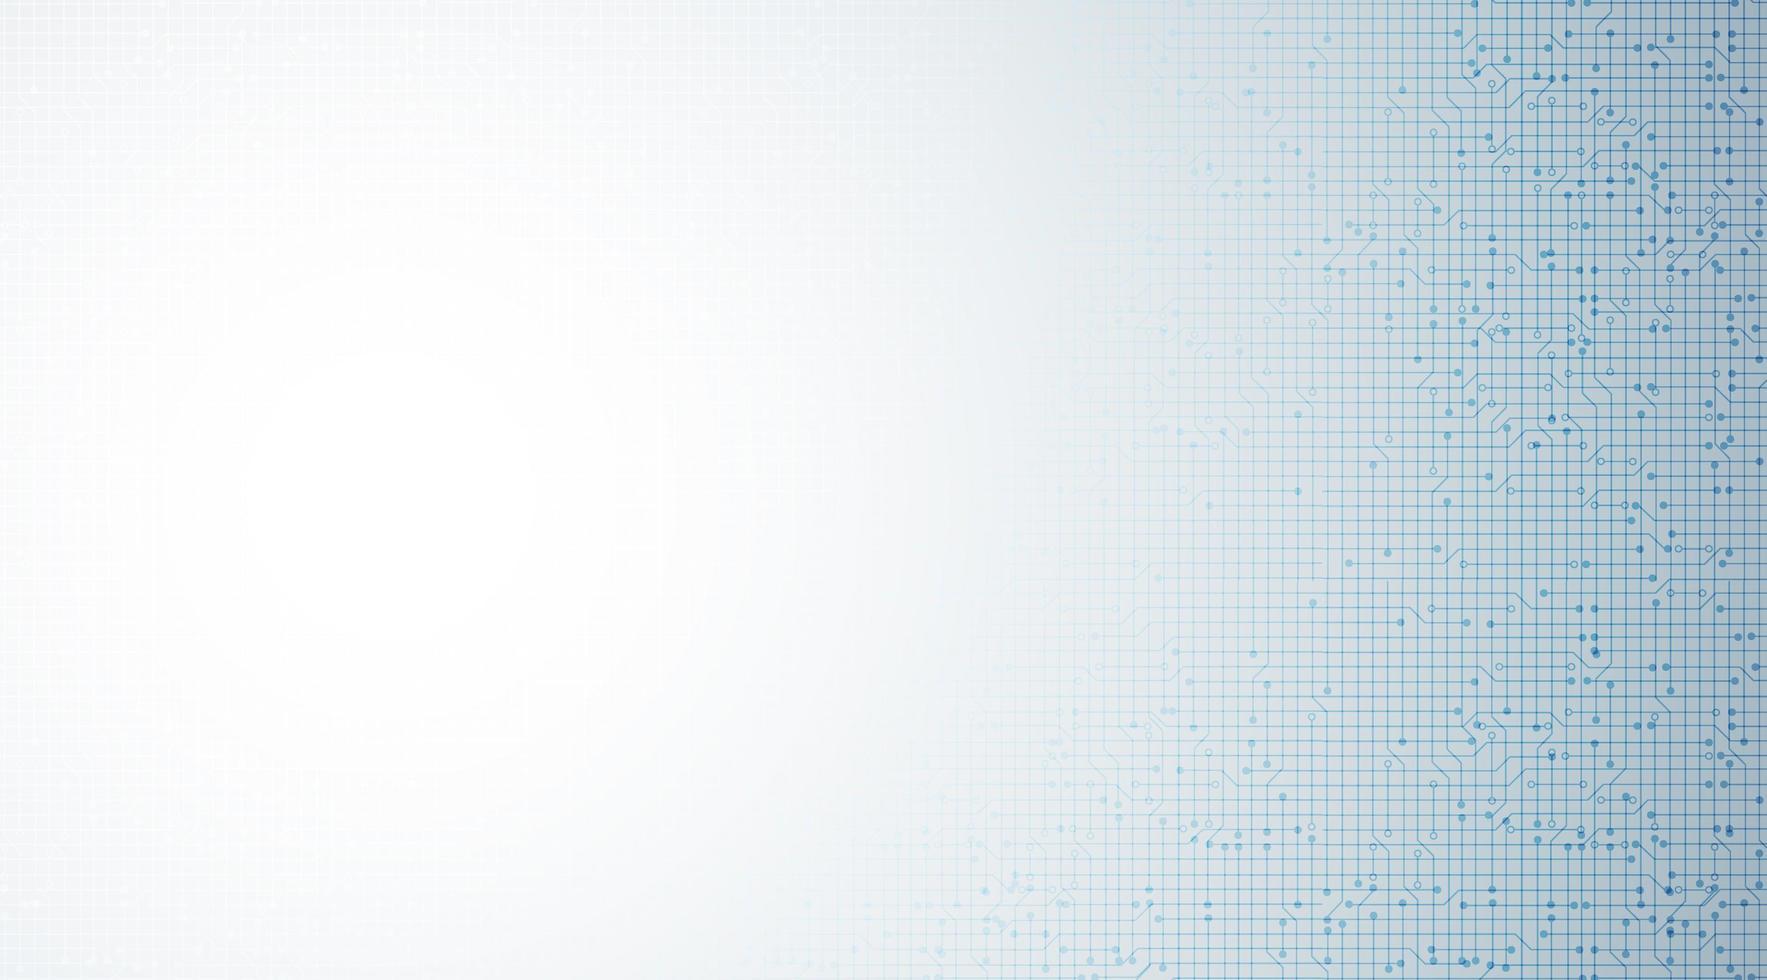 Microchip blanco y azul sobre fondo de tecnología, diseño de concepto de alta tecnología y seguridad vector